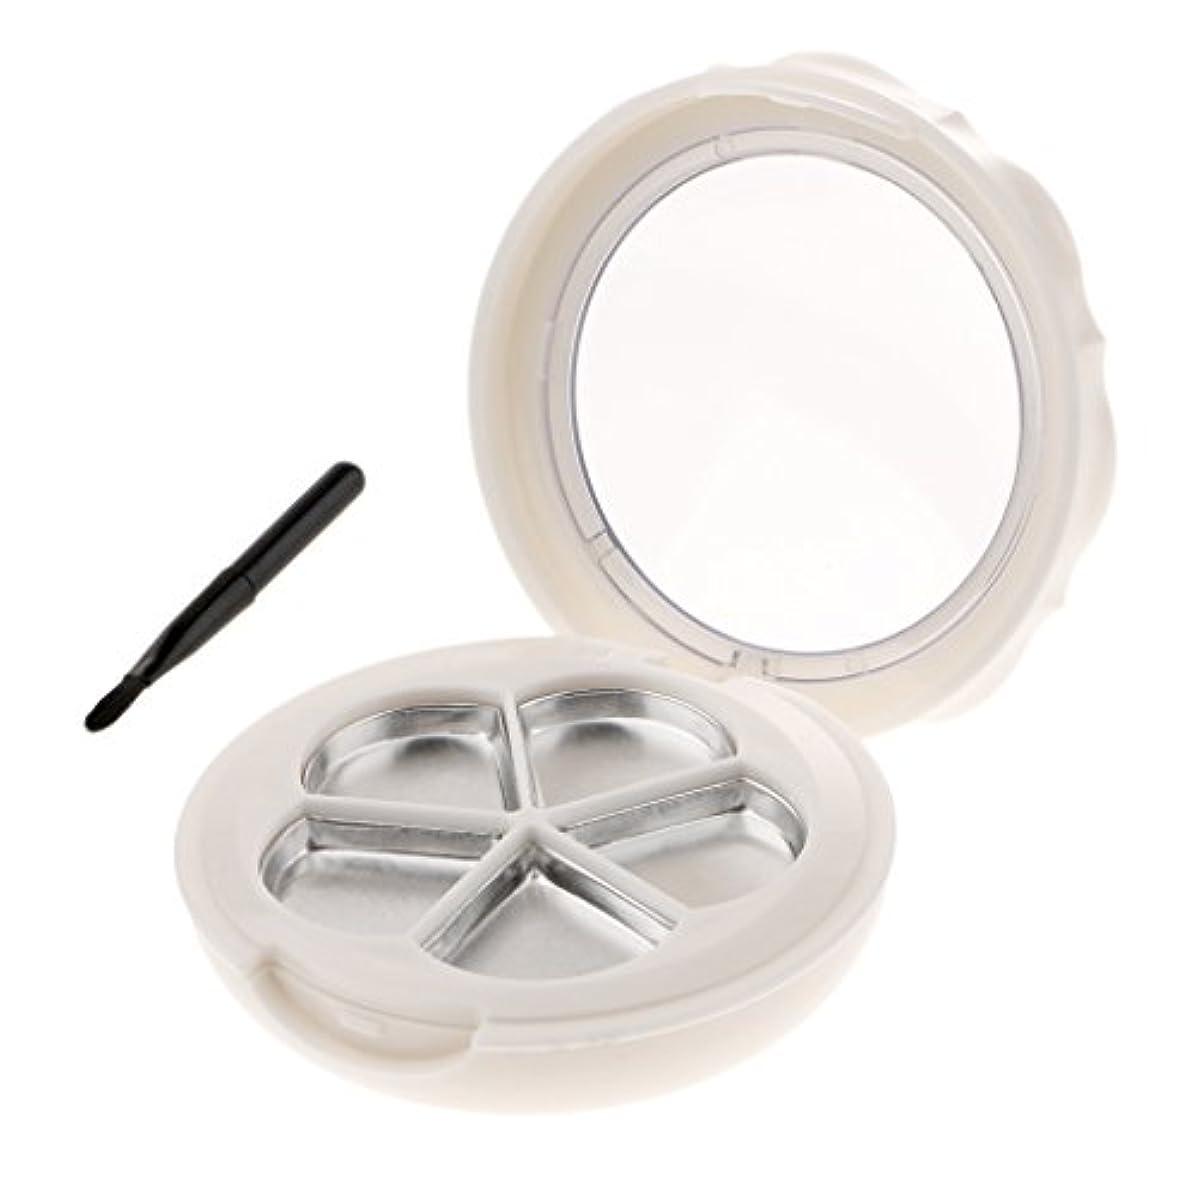 最初伝染性のスパイラル空ケース 化粧品ケース 収納ケース 空パレット メイクアップパレット コスメ 化粧品 詰替え DIY コンパートメント 便利 2色選べる - 白